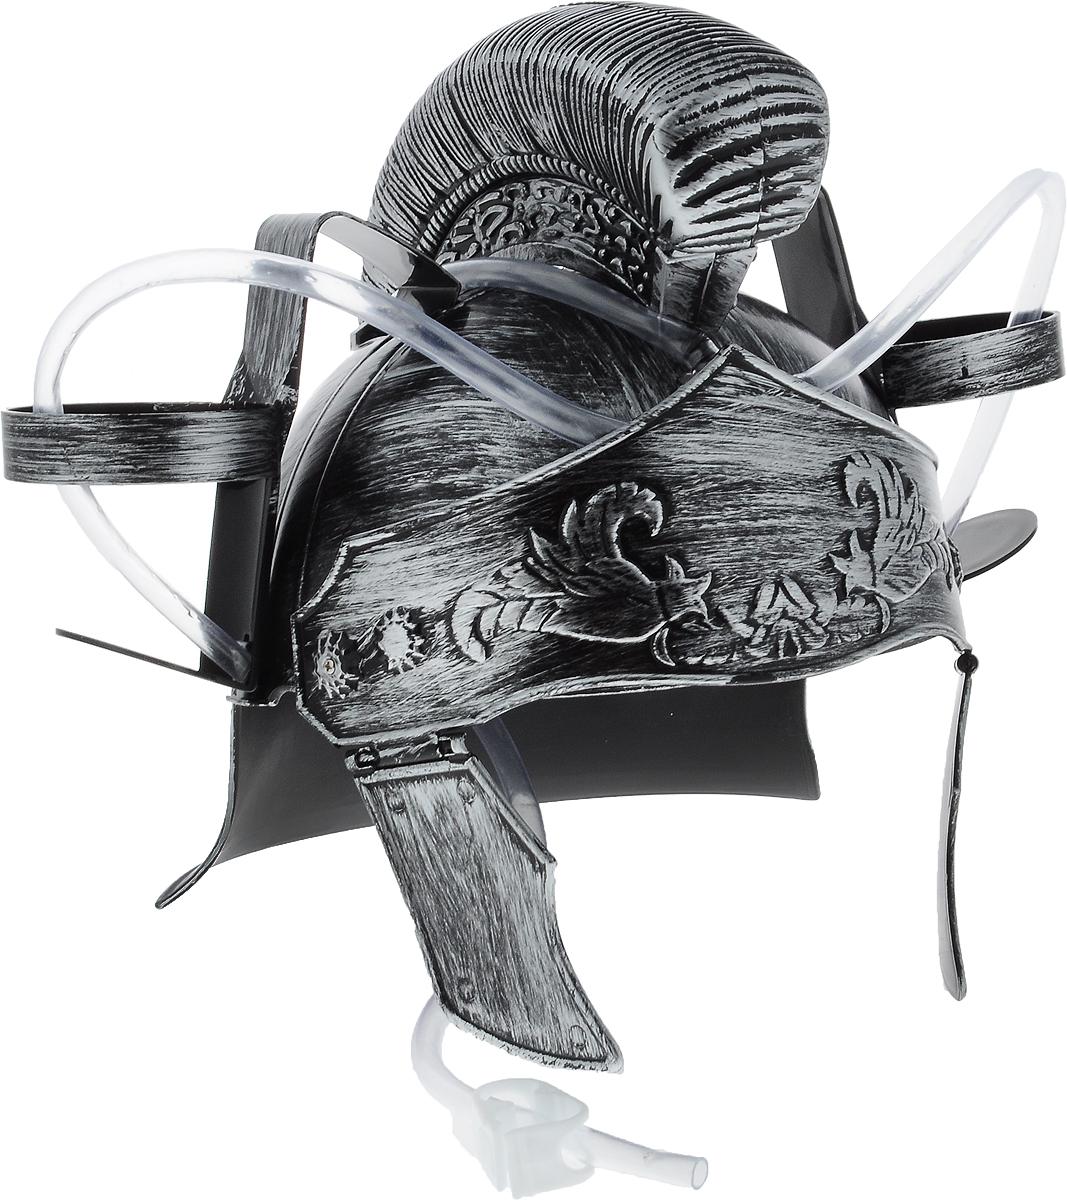 Каска Эврика Римлянин с подставками под банки96164Мужчина, умеющий оставаться настоящим рыцарем, даже выпивая, определенно заслуживает женского внимания! Чтобы совместить приятное с полезным, былпридуман специальный шлем Эврика Римлянин. Каска выполнена из пластика и оснащена двумя держателями для банок/бутылок и двумя соединительными трубочками, благодаря которым можно смешивать два различных напитка в виде коктейля. Такая каска станет отличным решением для карнавала, дружеской вечеринки или в качестве амуниции болельщика на стадионе Загрузи голову и освободи руки! Рекомендуется использовать для употребления полезных напитков. Диаметр подставки для банки: 7 см.